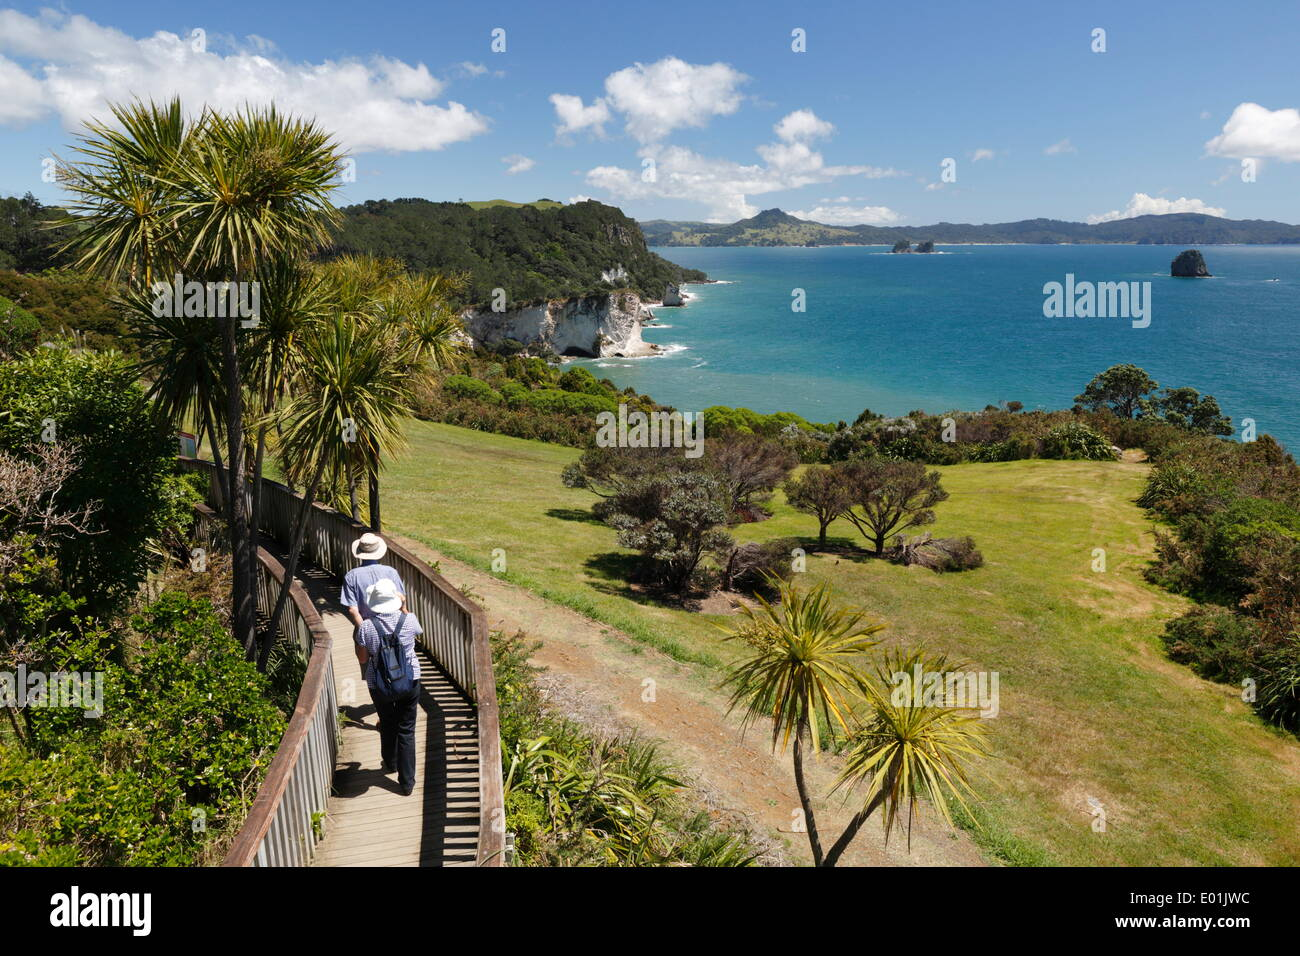 Vista lungo Cove della cattedrale riserva ricreativa, Hahei, Penisola di Coromandel, Waikato, Isola del nord, Nuova Zelanda, Pacific Immagini Stock